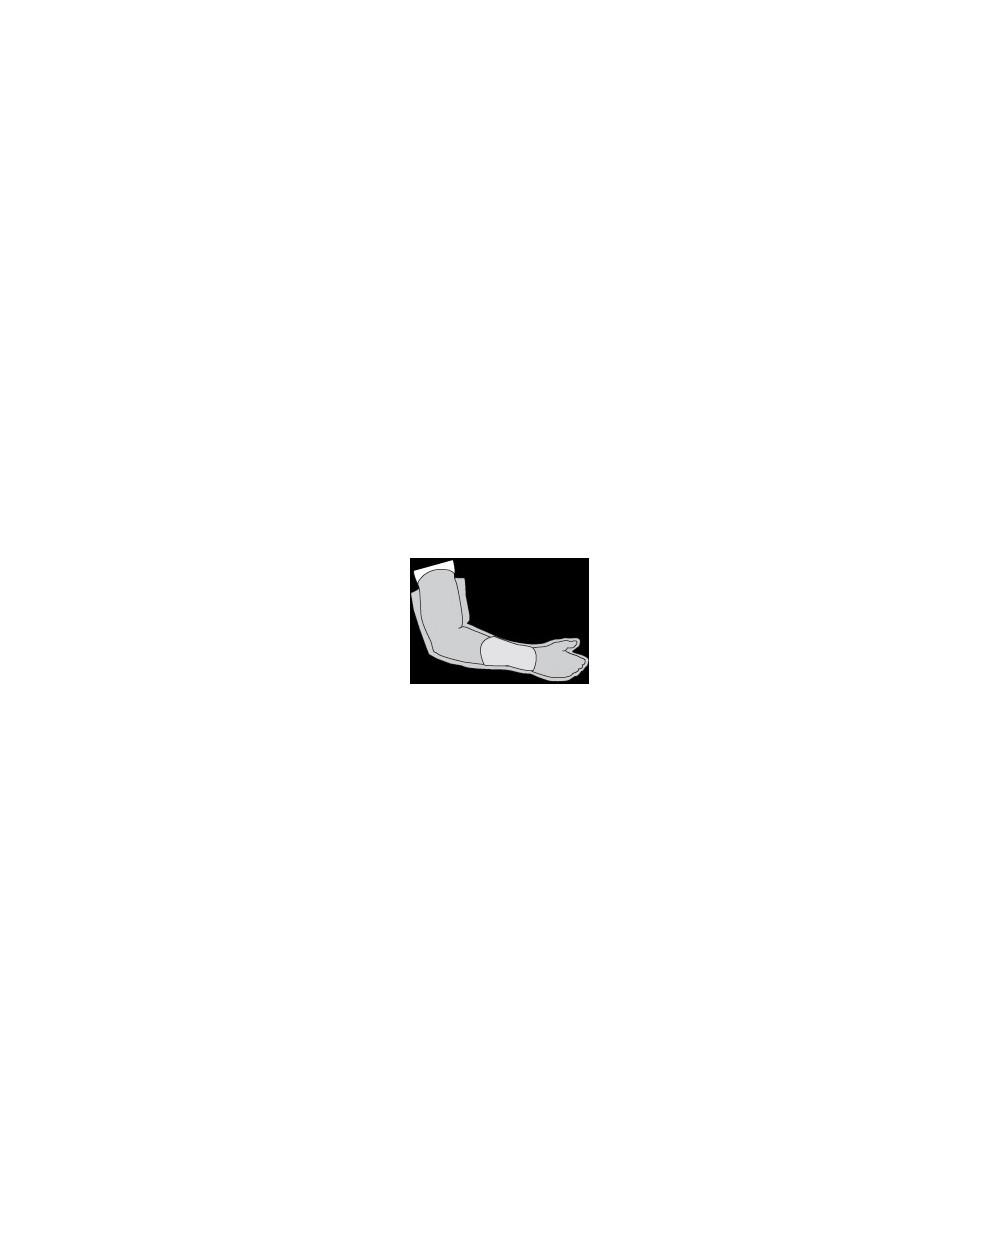 Housse étanche pour plâtre du bras, taille L.